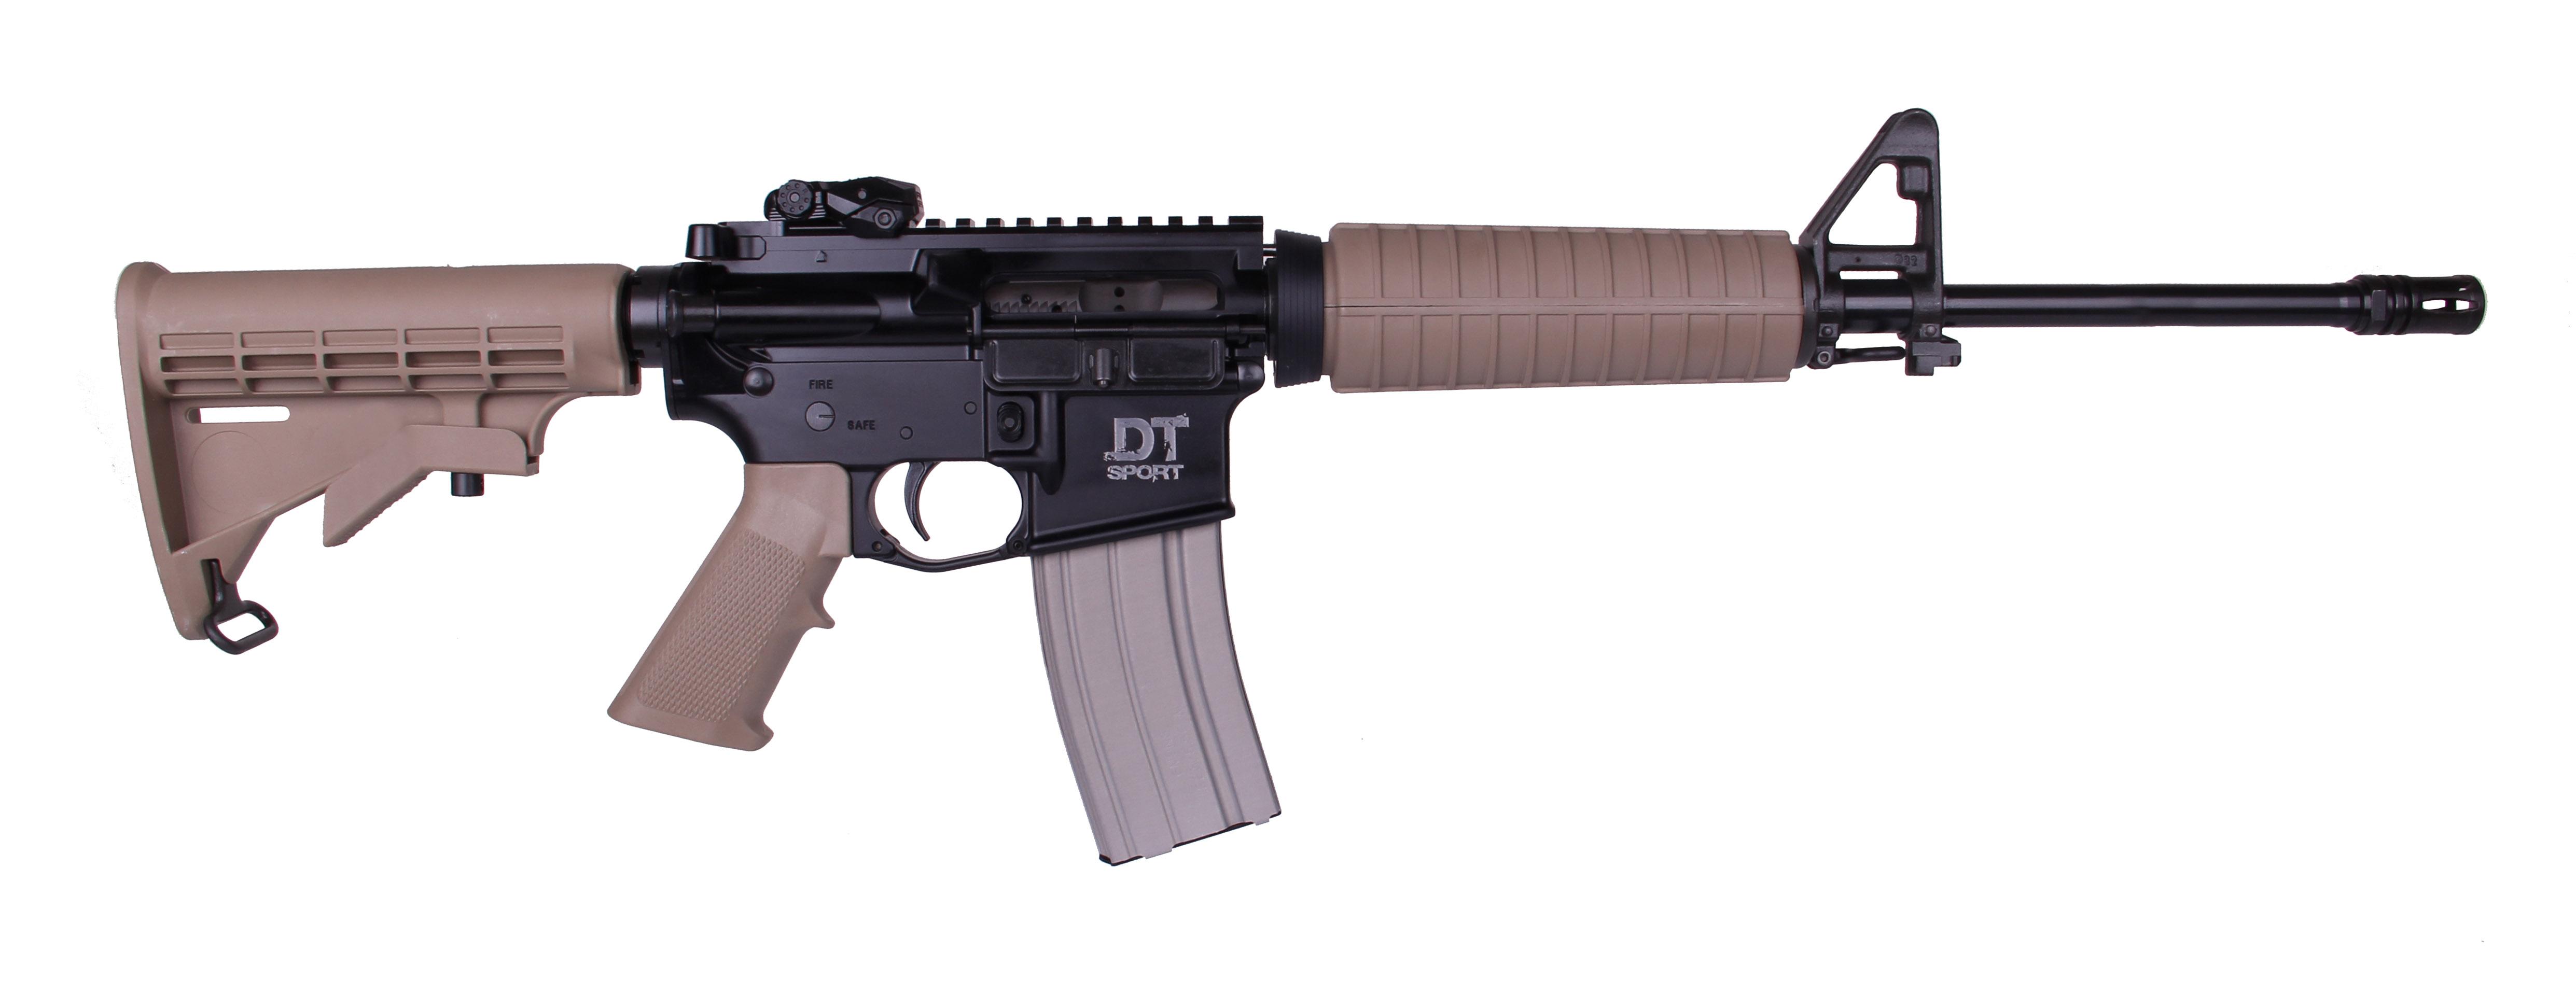 Del-Ton DT Sport - Mod 2 223 Rem | 5.56 NATO